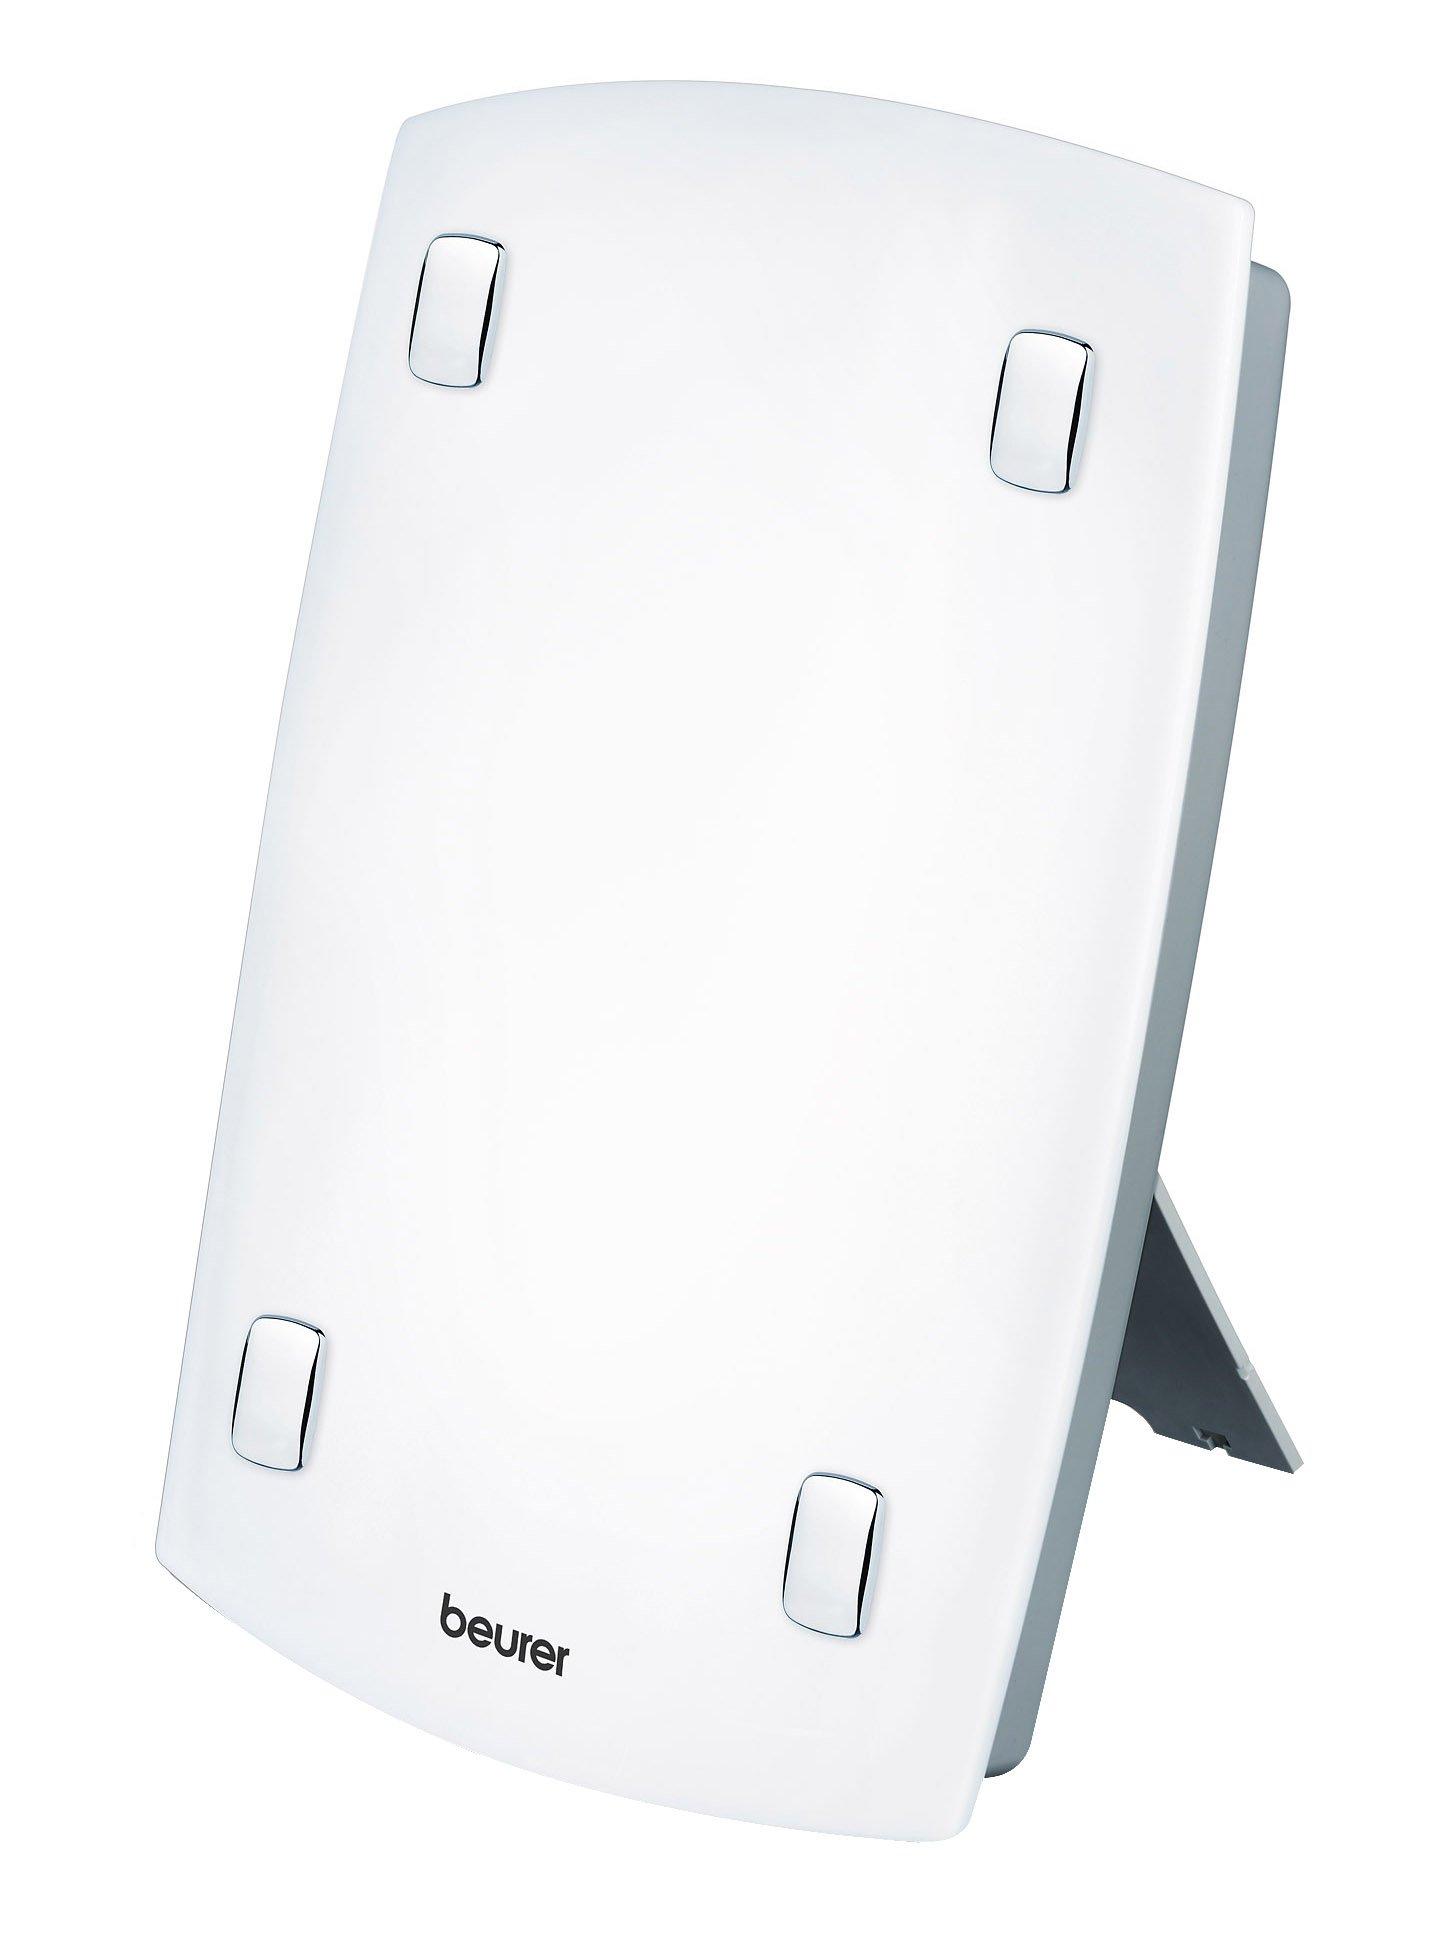 Beurer TL 60 Tageslichtlampe product image